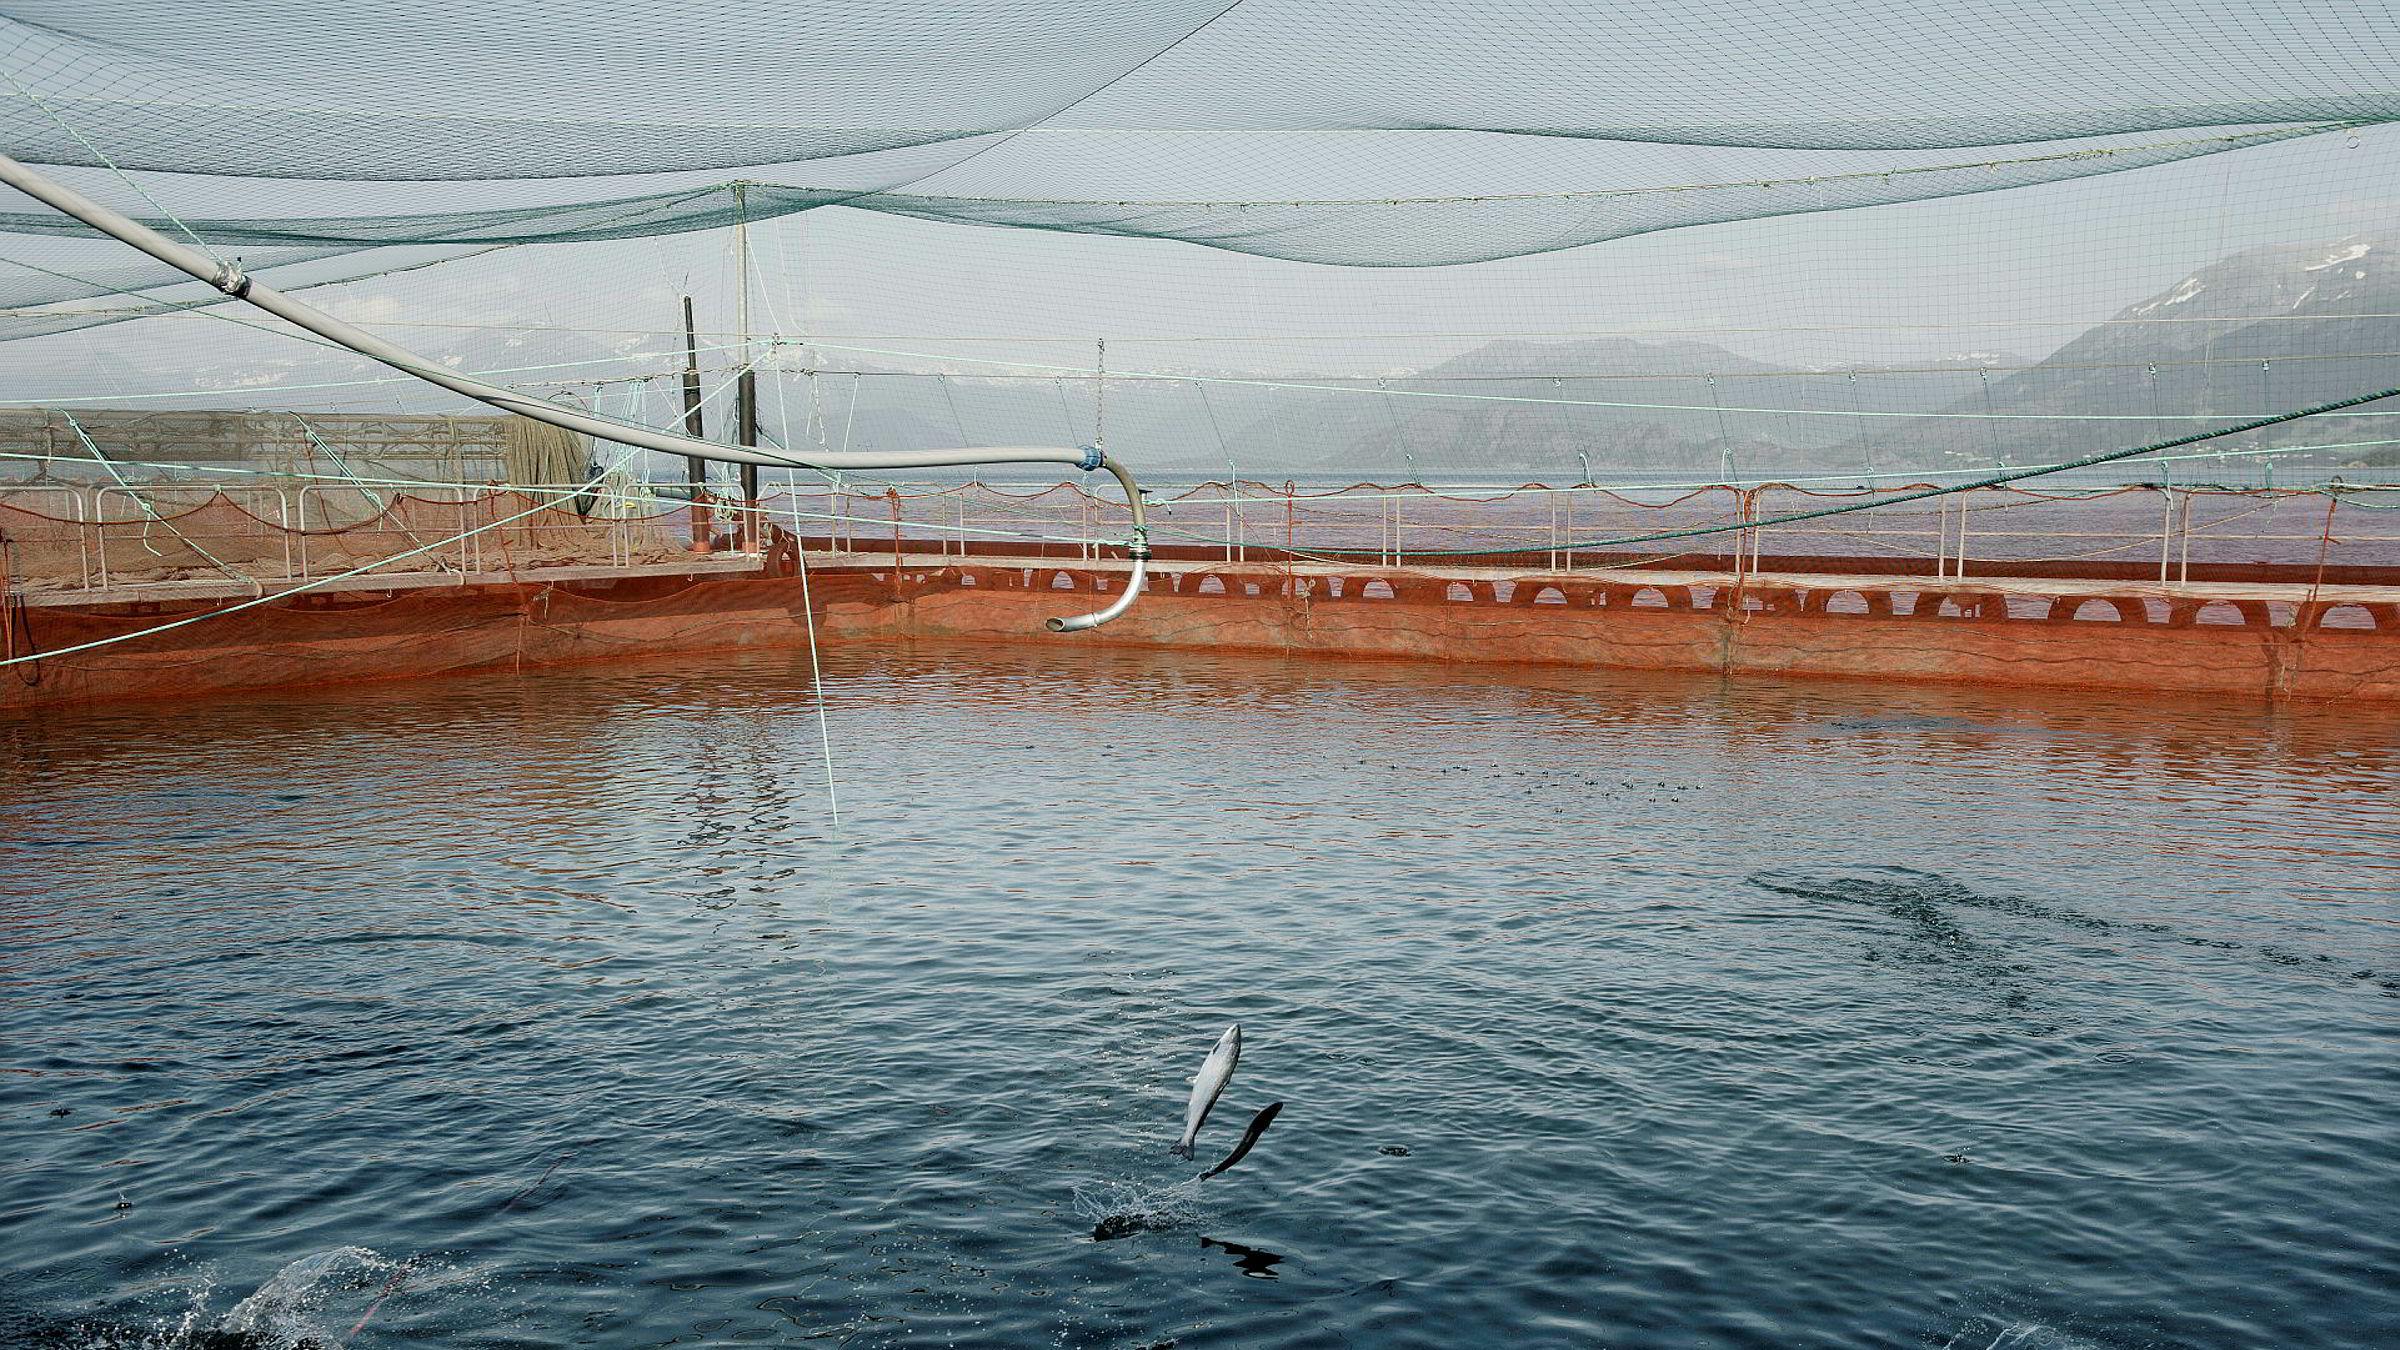 Noen hevder at fiskeoppdrett ikke er en «gave» fra naturen på samme måte som olje/gass, vannkraft og villfisk. Vi er delvis uenige i det, skriver artikkelforfatterne. Her fra lakseoppdrett på Onarøy.